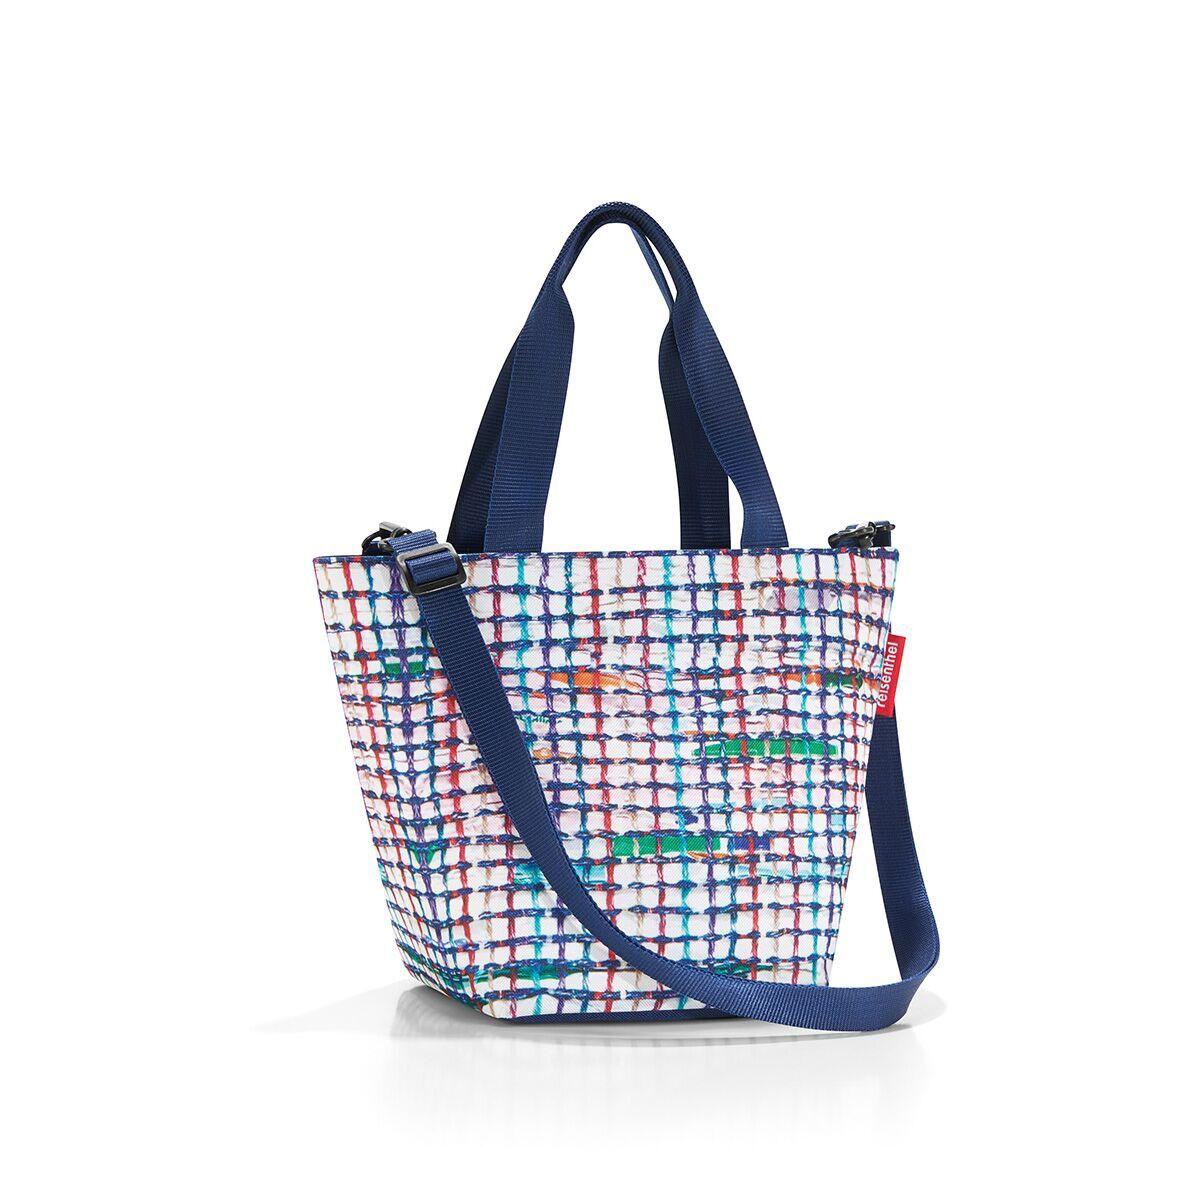 Сумка-шоппер жен. Reisenthel, цвет: синий. ZR4041ZR4041Уменьшенная версия классической сумки. Симпатичная сумка для похода в магазин: широкие удобные лямки распряделяют нагрузку на плече, а объем 4 литра позволяет вместить необходимый батон хлеба, пакет молока и другие вкусности. Застегивается на молнию. Внутри - кармашек на молнии для мелочей. Две ручки плюс ремешок с регулируемой длиной. Специальное уплотненное днище для стабильности. Серия special edition - это лимитированные модели сумок с уникальными принтами. Сочетают расцветки разных коллекций, а также имеют вышивку и аппликацию.